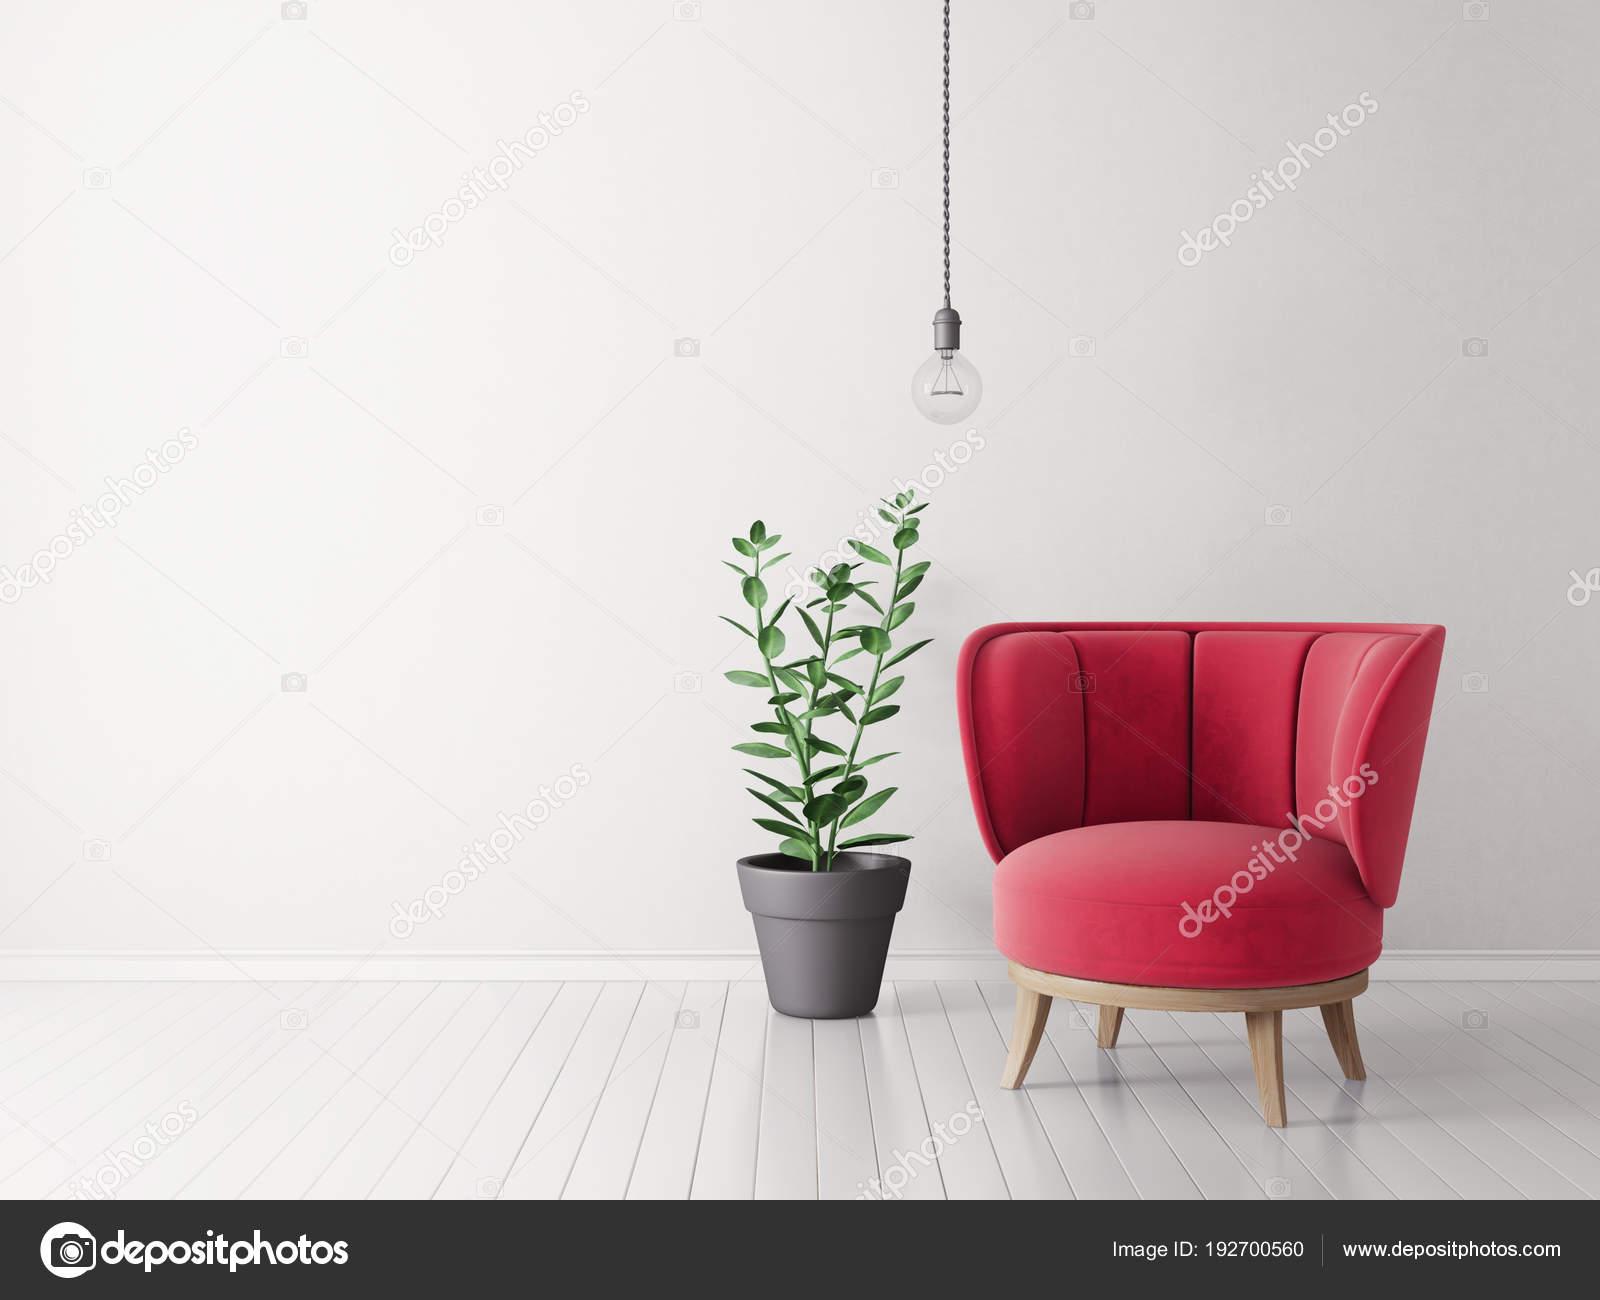 Lampen Scandinavisch Interieur : Moderne woonkamer met rode leunstoel lamp scandinavisch interieur